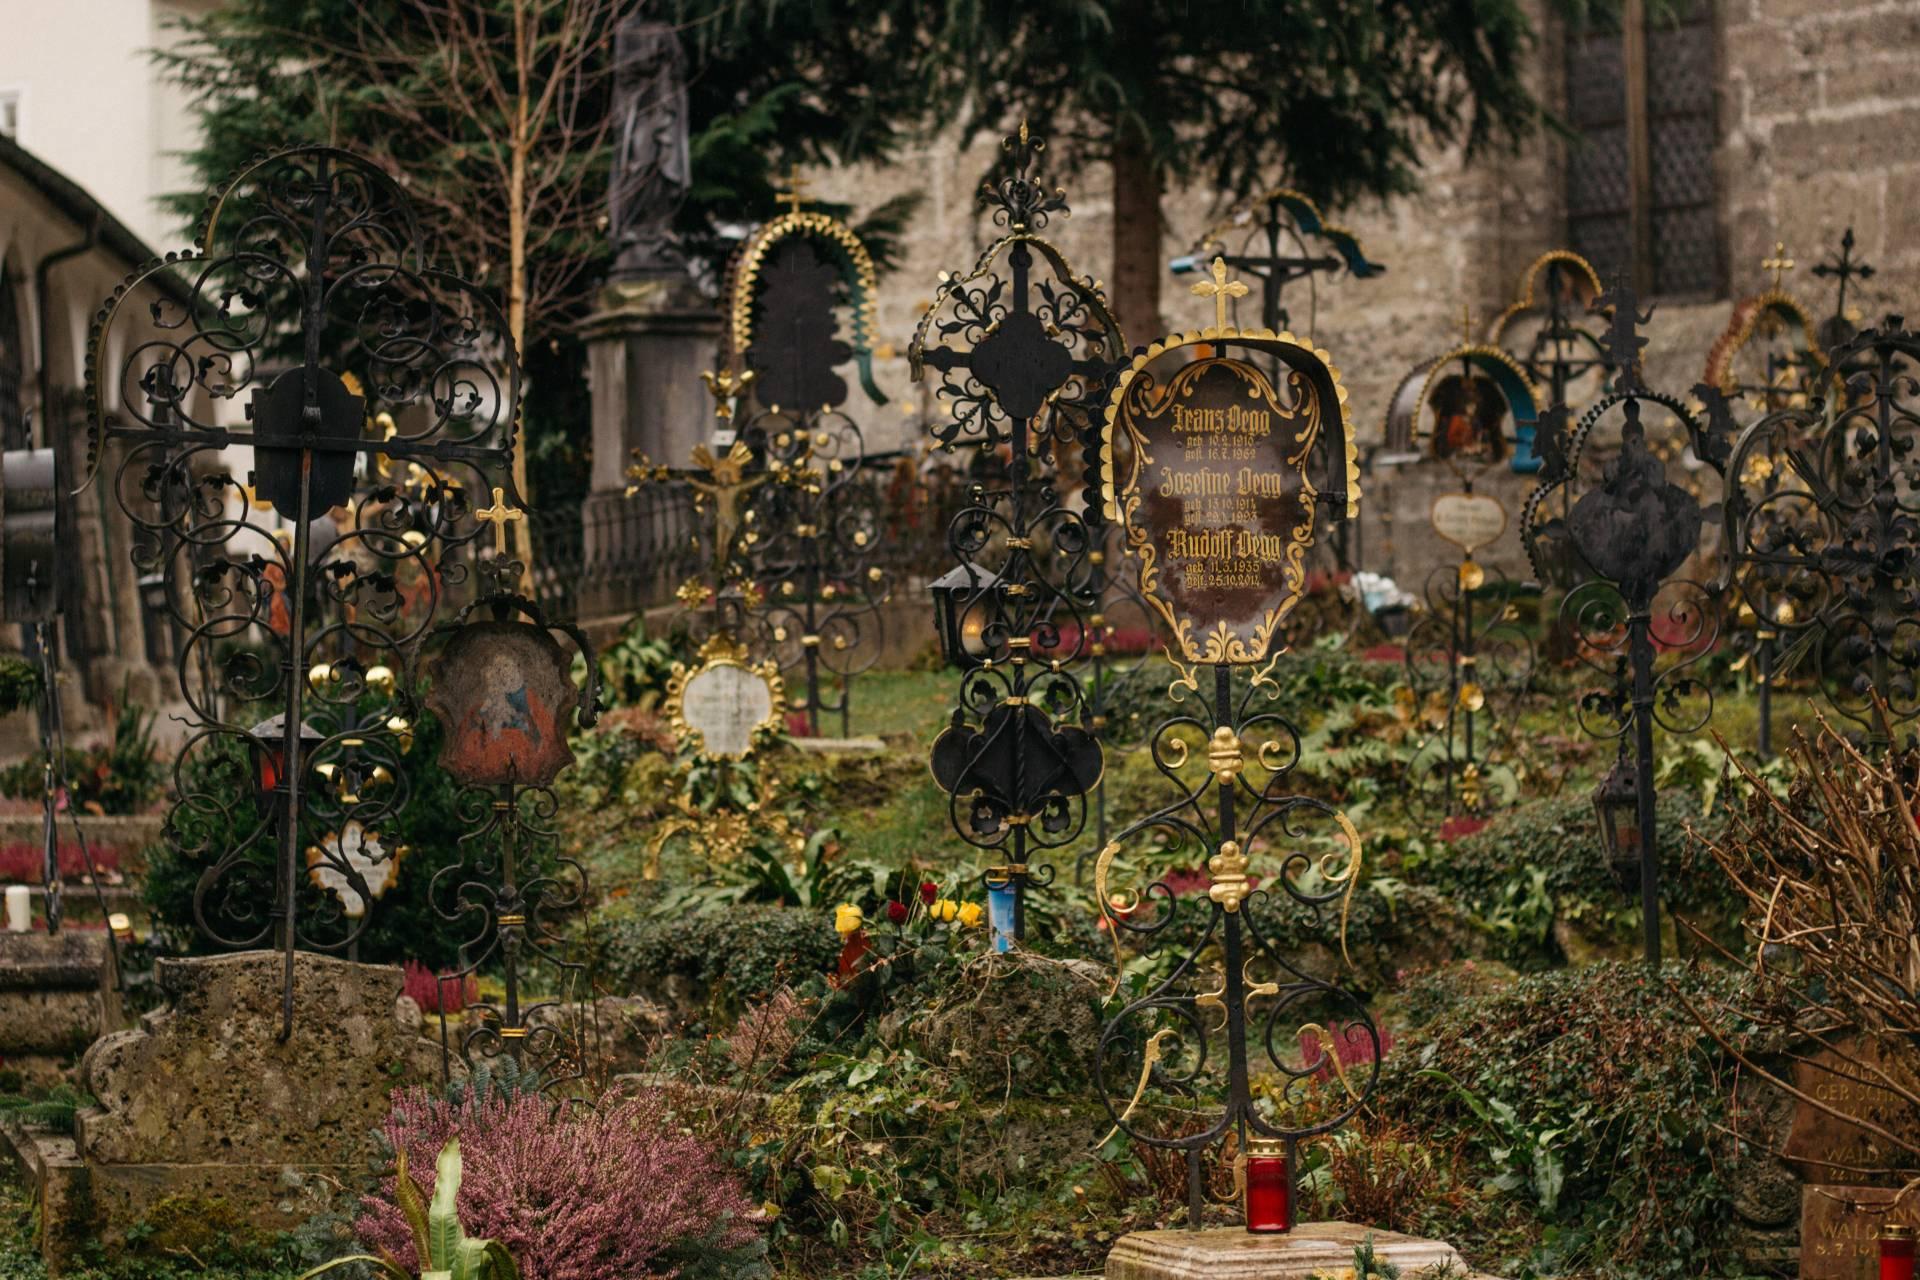 St. Peter's Cemetery, Salzburg, Austria